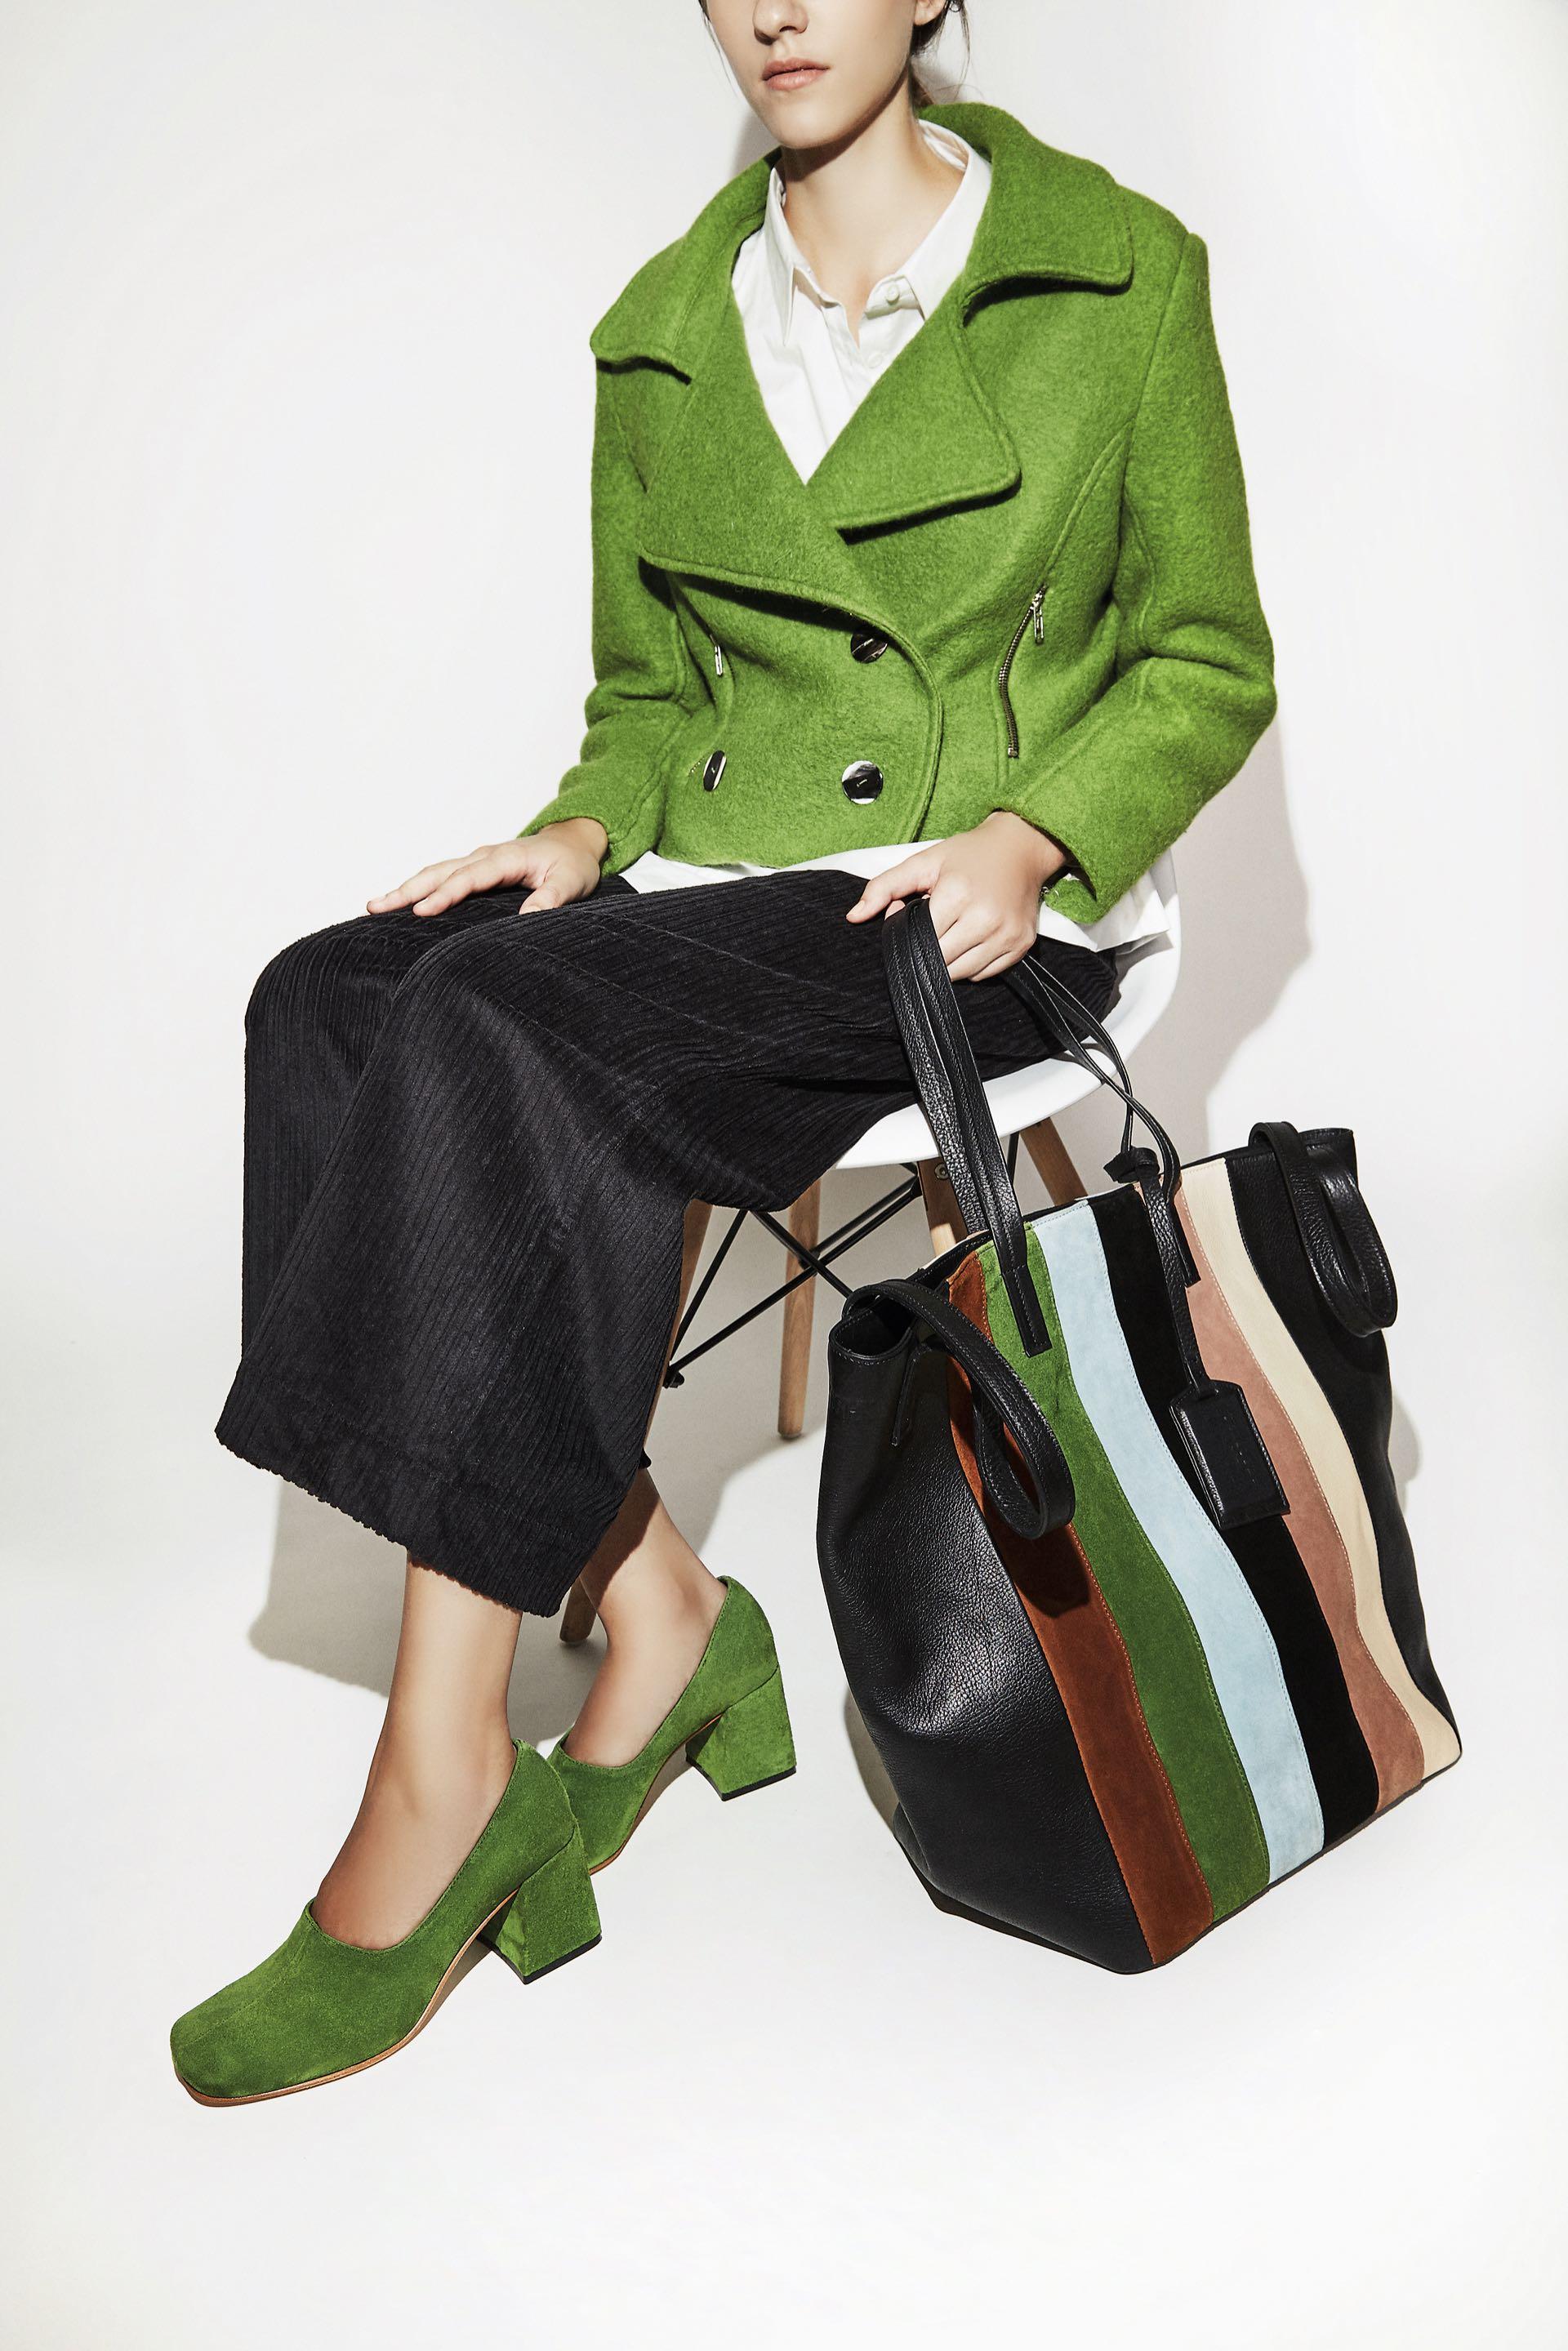 Onda retro. Zapatos de gamuza con taco cuadrado, pantalón de corderoy, camisa, chaqueta de paño y bolsode cuero rayado ($ 8.680, $ 2.980, $ 2.640, $ 4.820 y $ 6.540, Mishka). (Fotos: Chino Toccalino/ Para Ti)